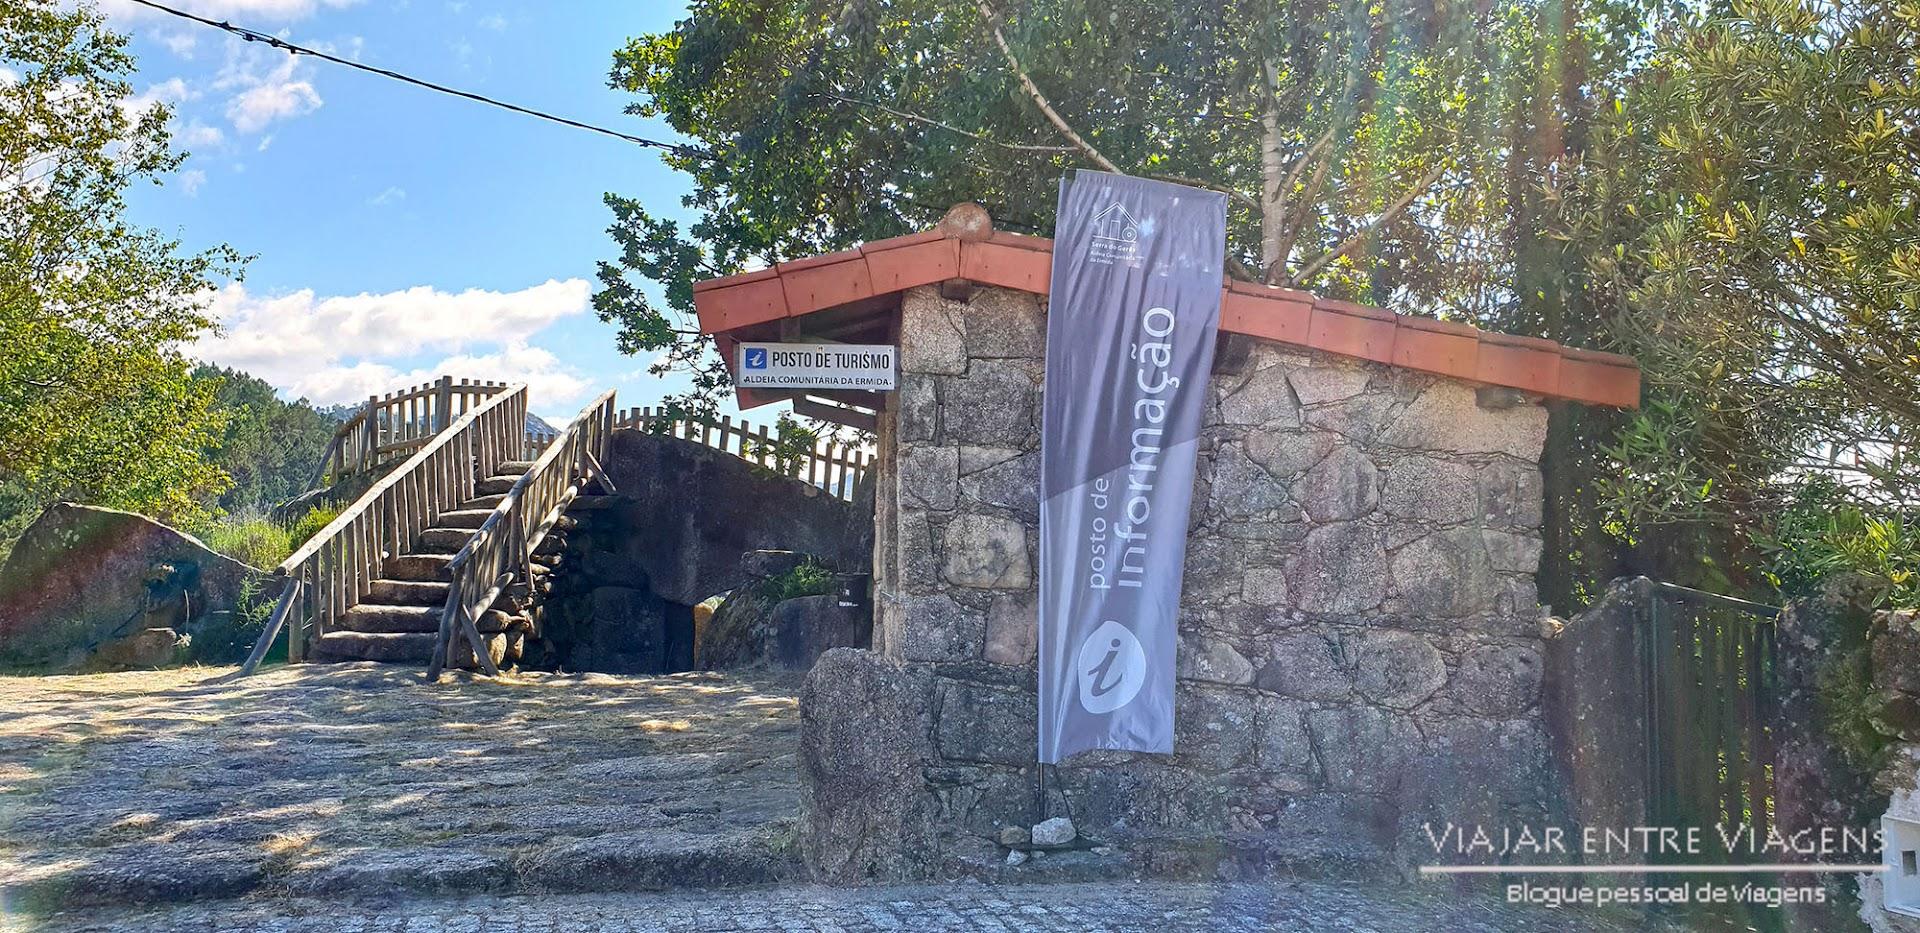 TRILHO DO SOBREIRAL DA ERMIDA NO GERÊS - PR14 TBR - um percurso que permite (com desvios) apreciar o melhor da Serra do Gerês